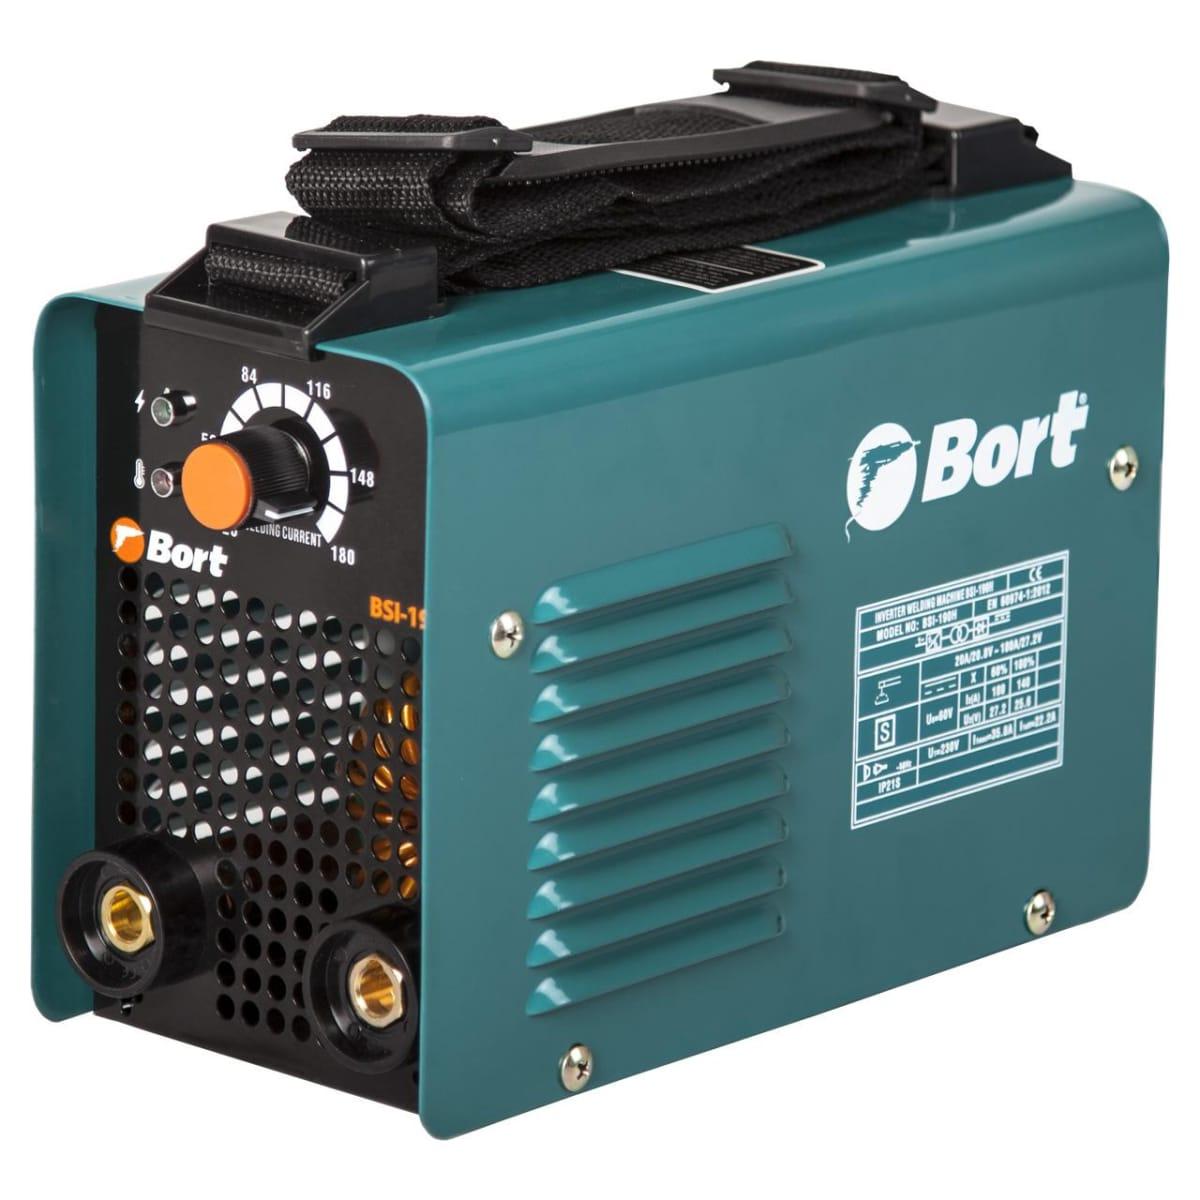 Дуговой сварочный инвертор Bort BSI-190H 91272645